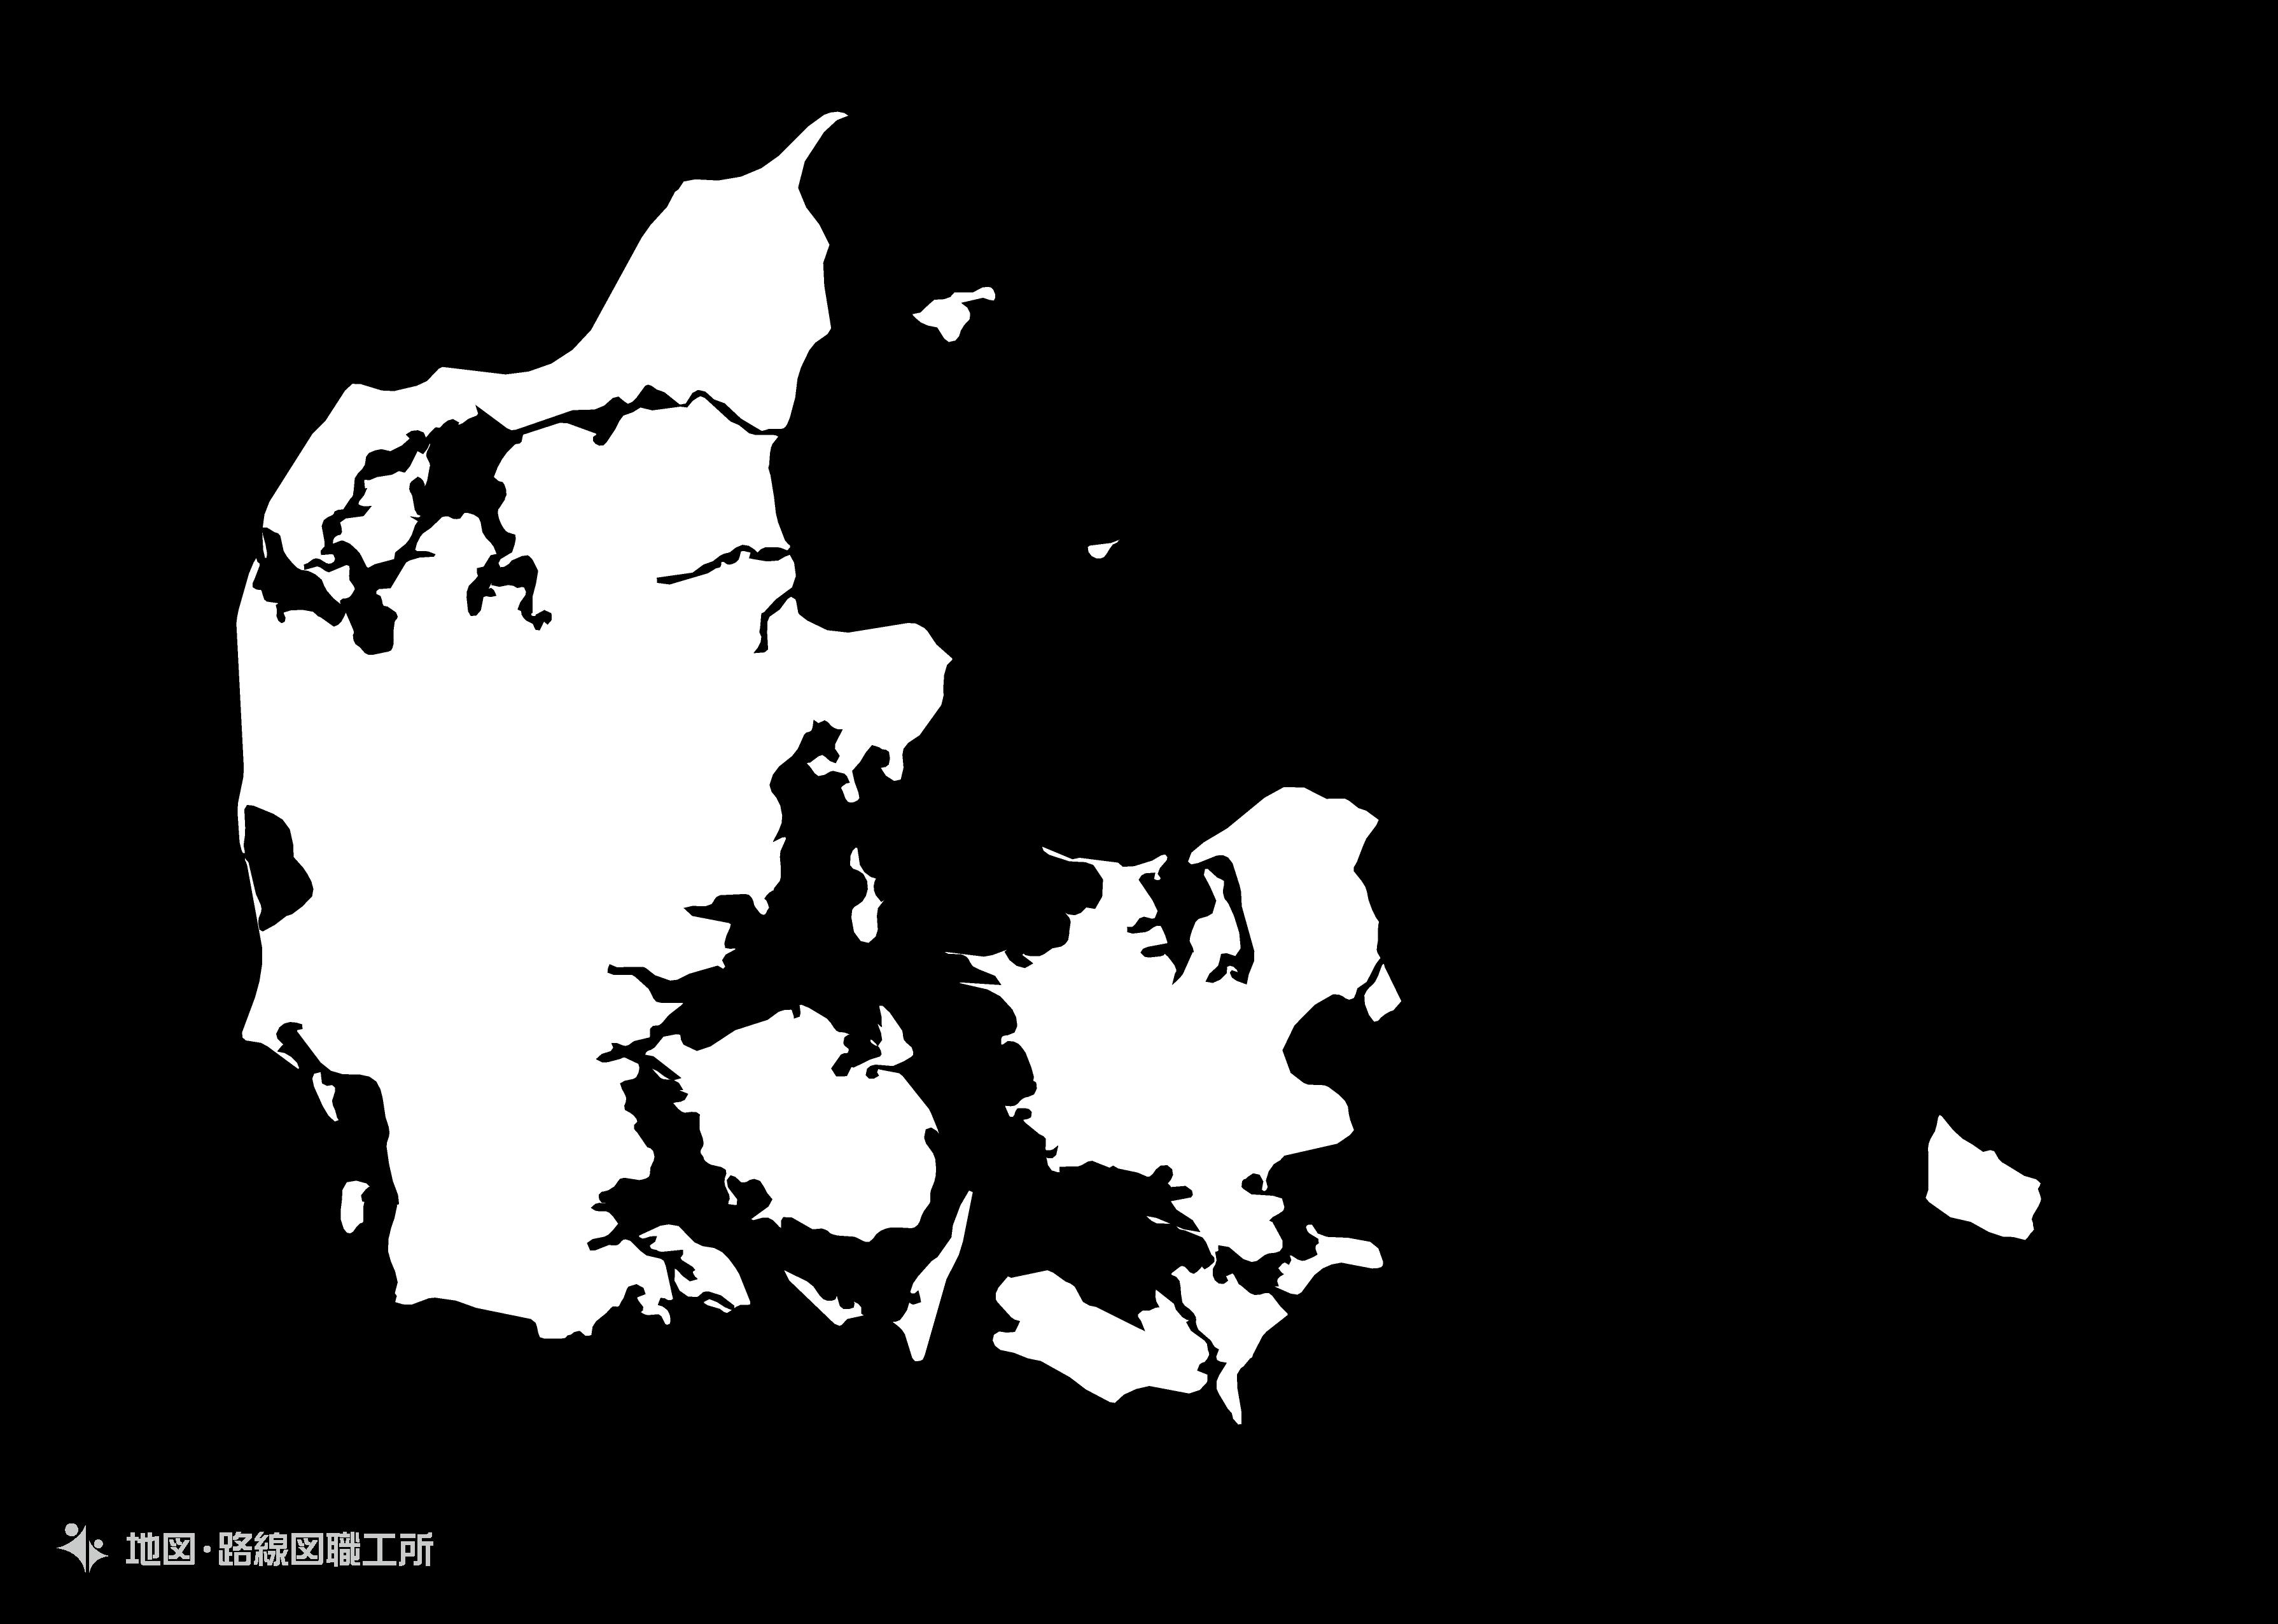 世界の白地図 デンマーク王国 kingdom-of-denmark map